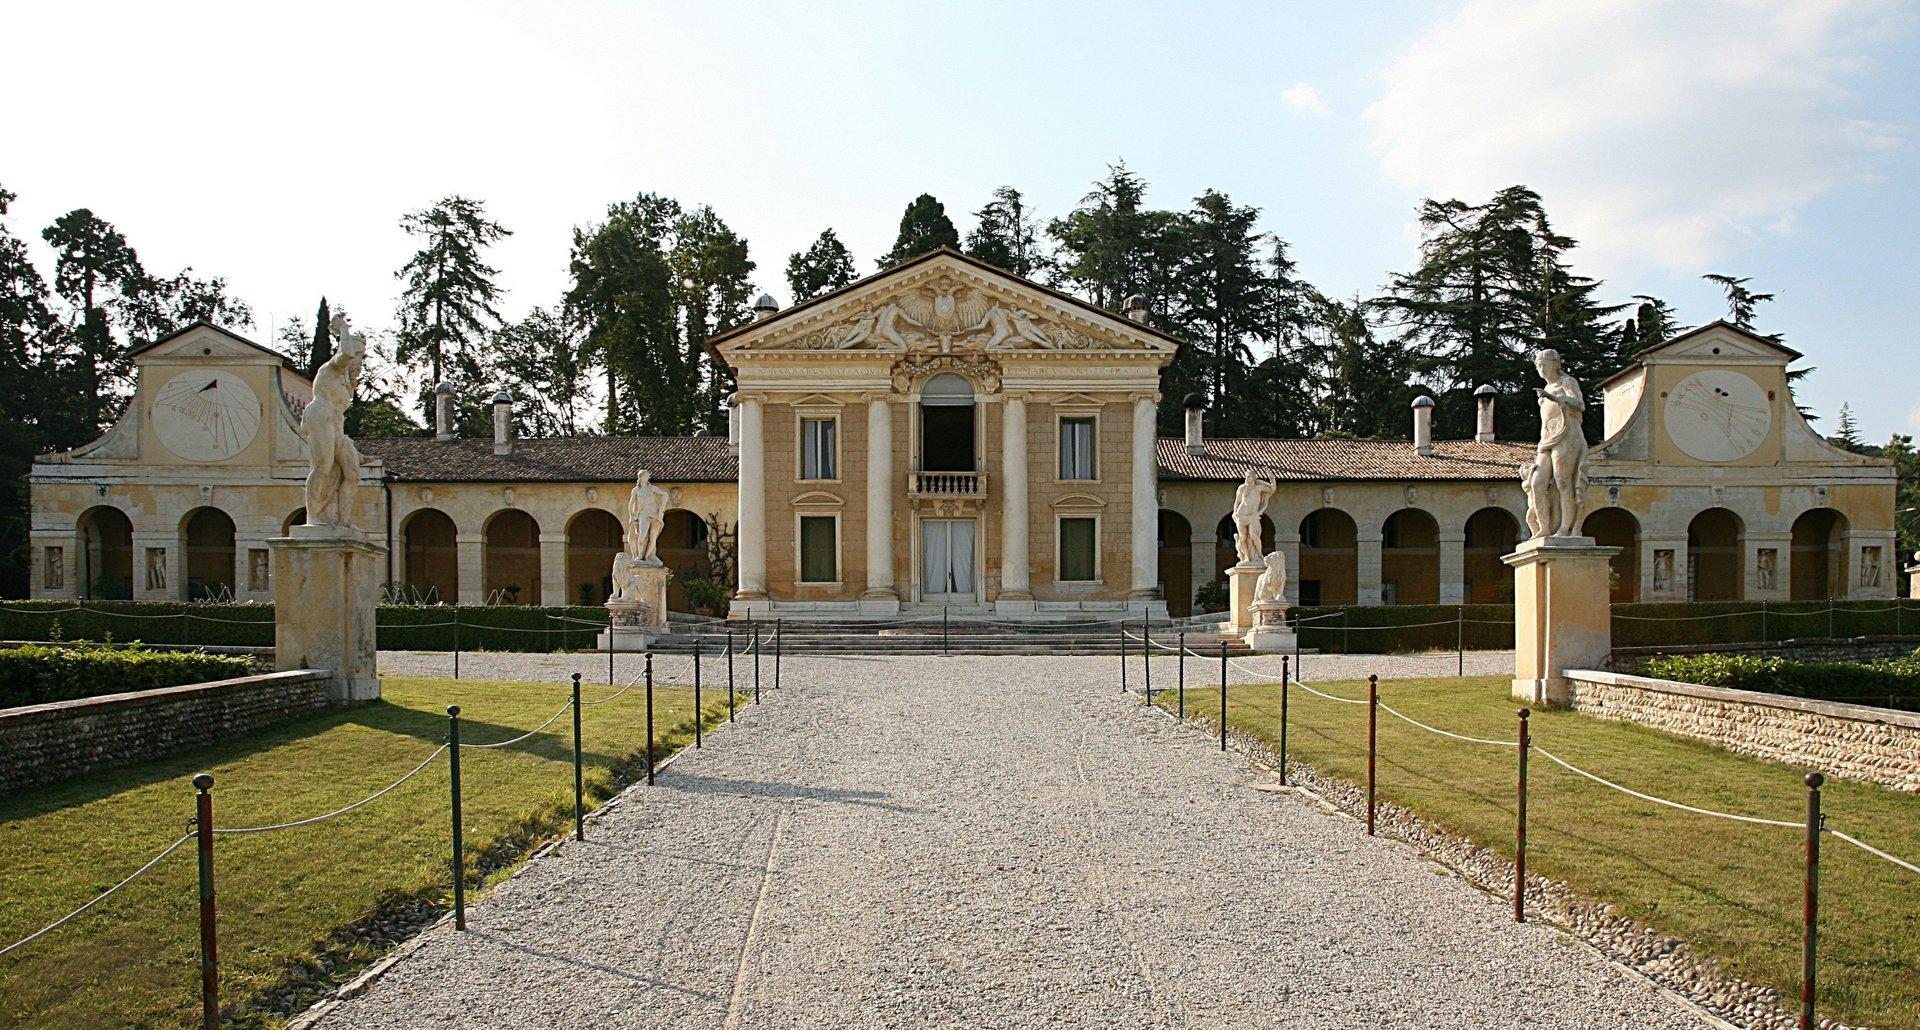 veduta frontale di un palazzo antico con statue e archi